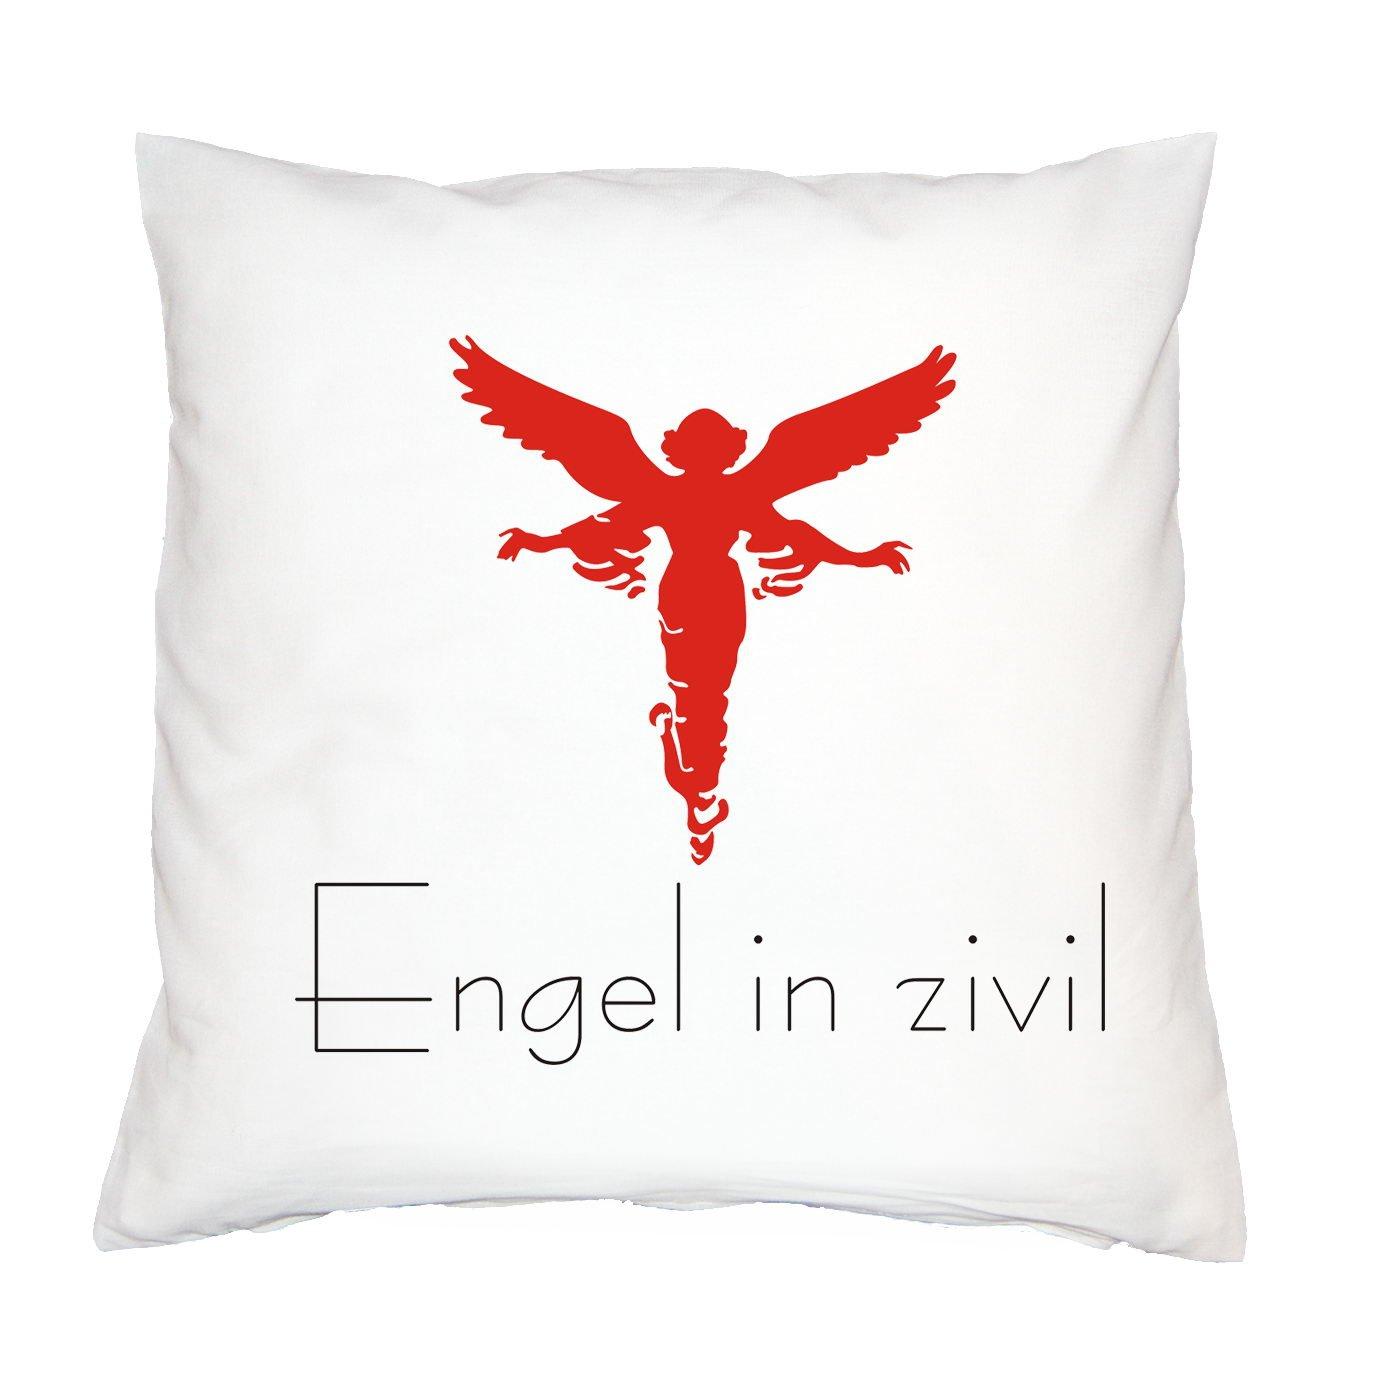 Lustiger Sofakissen mit Füllung: Engel in zivil! (Kissenfarbe: Weiss) günstig bestellen